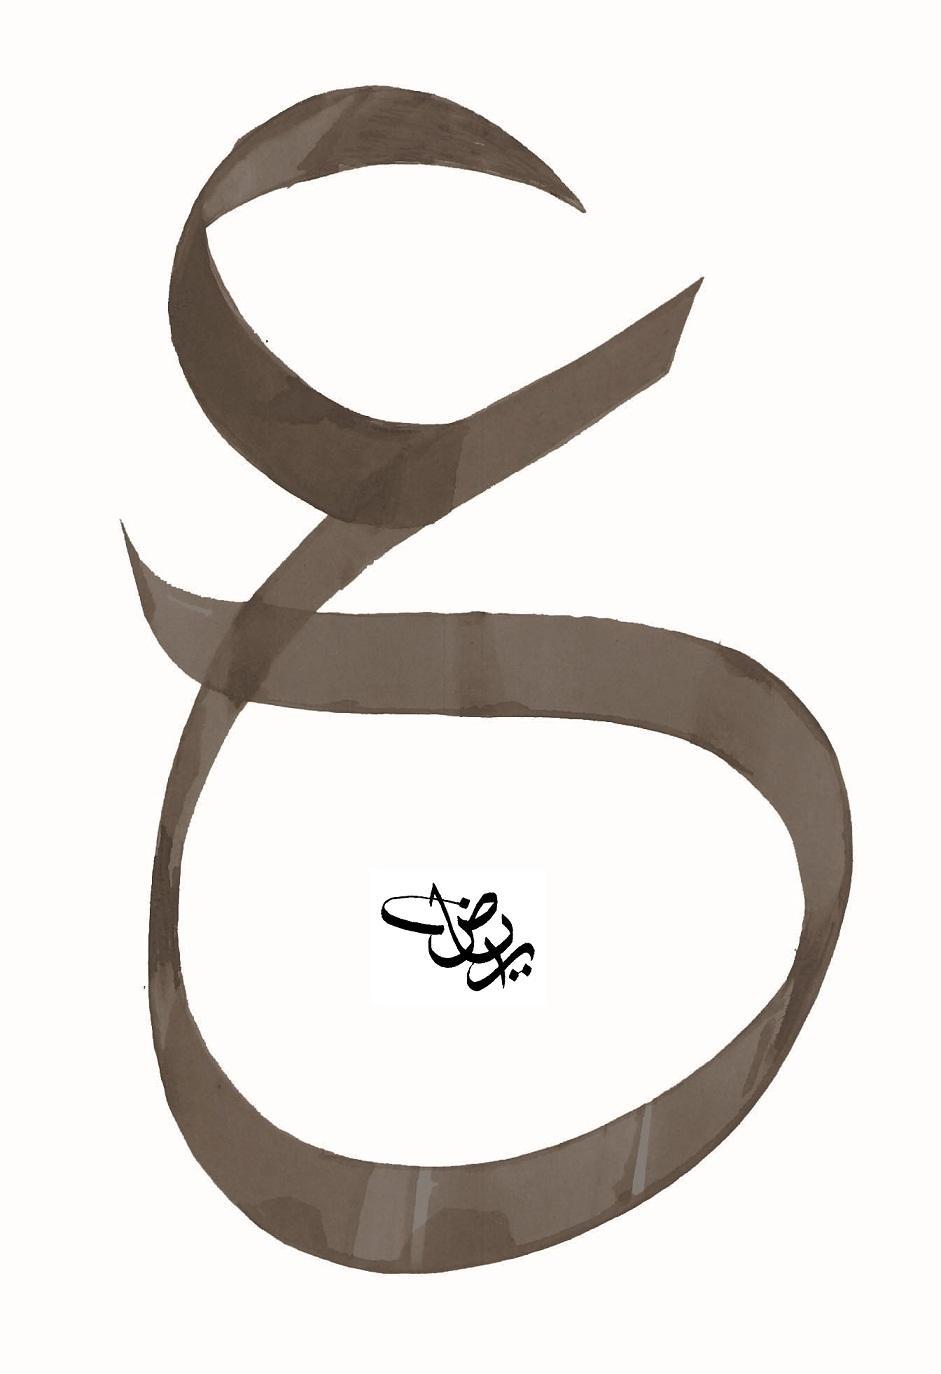 صور حرف ع صور لاجمل حروف اللغه العربيه مساء الورد